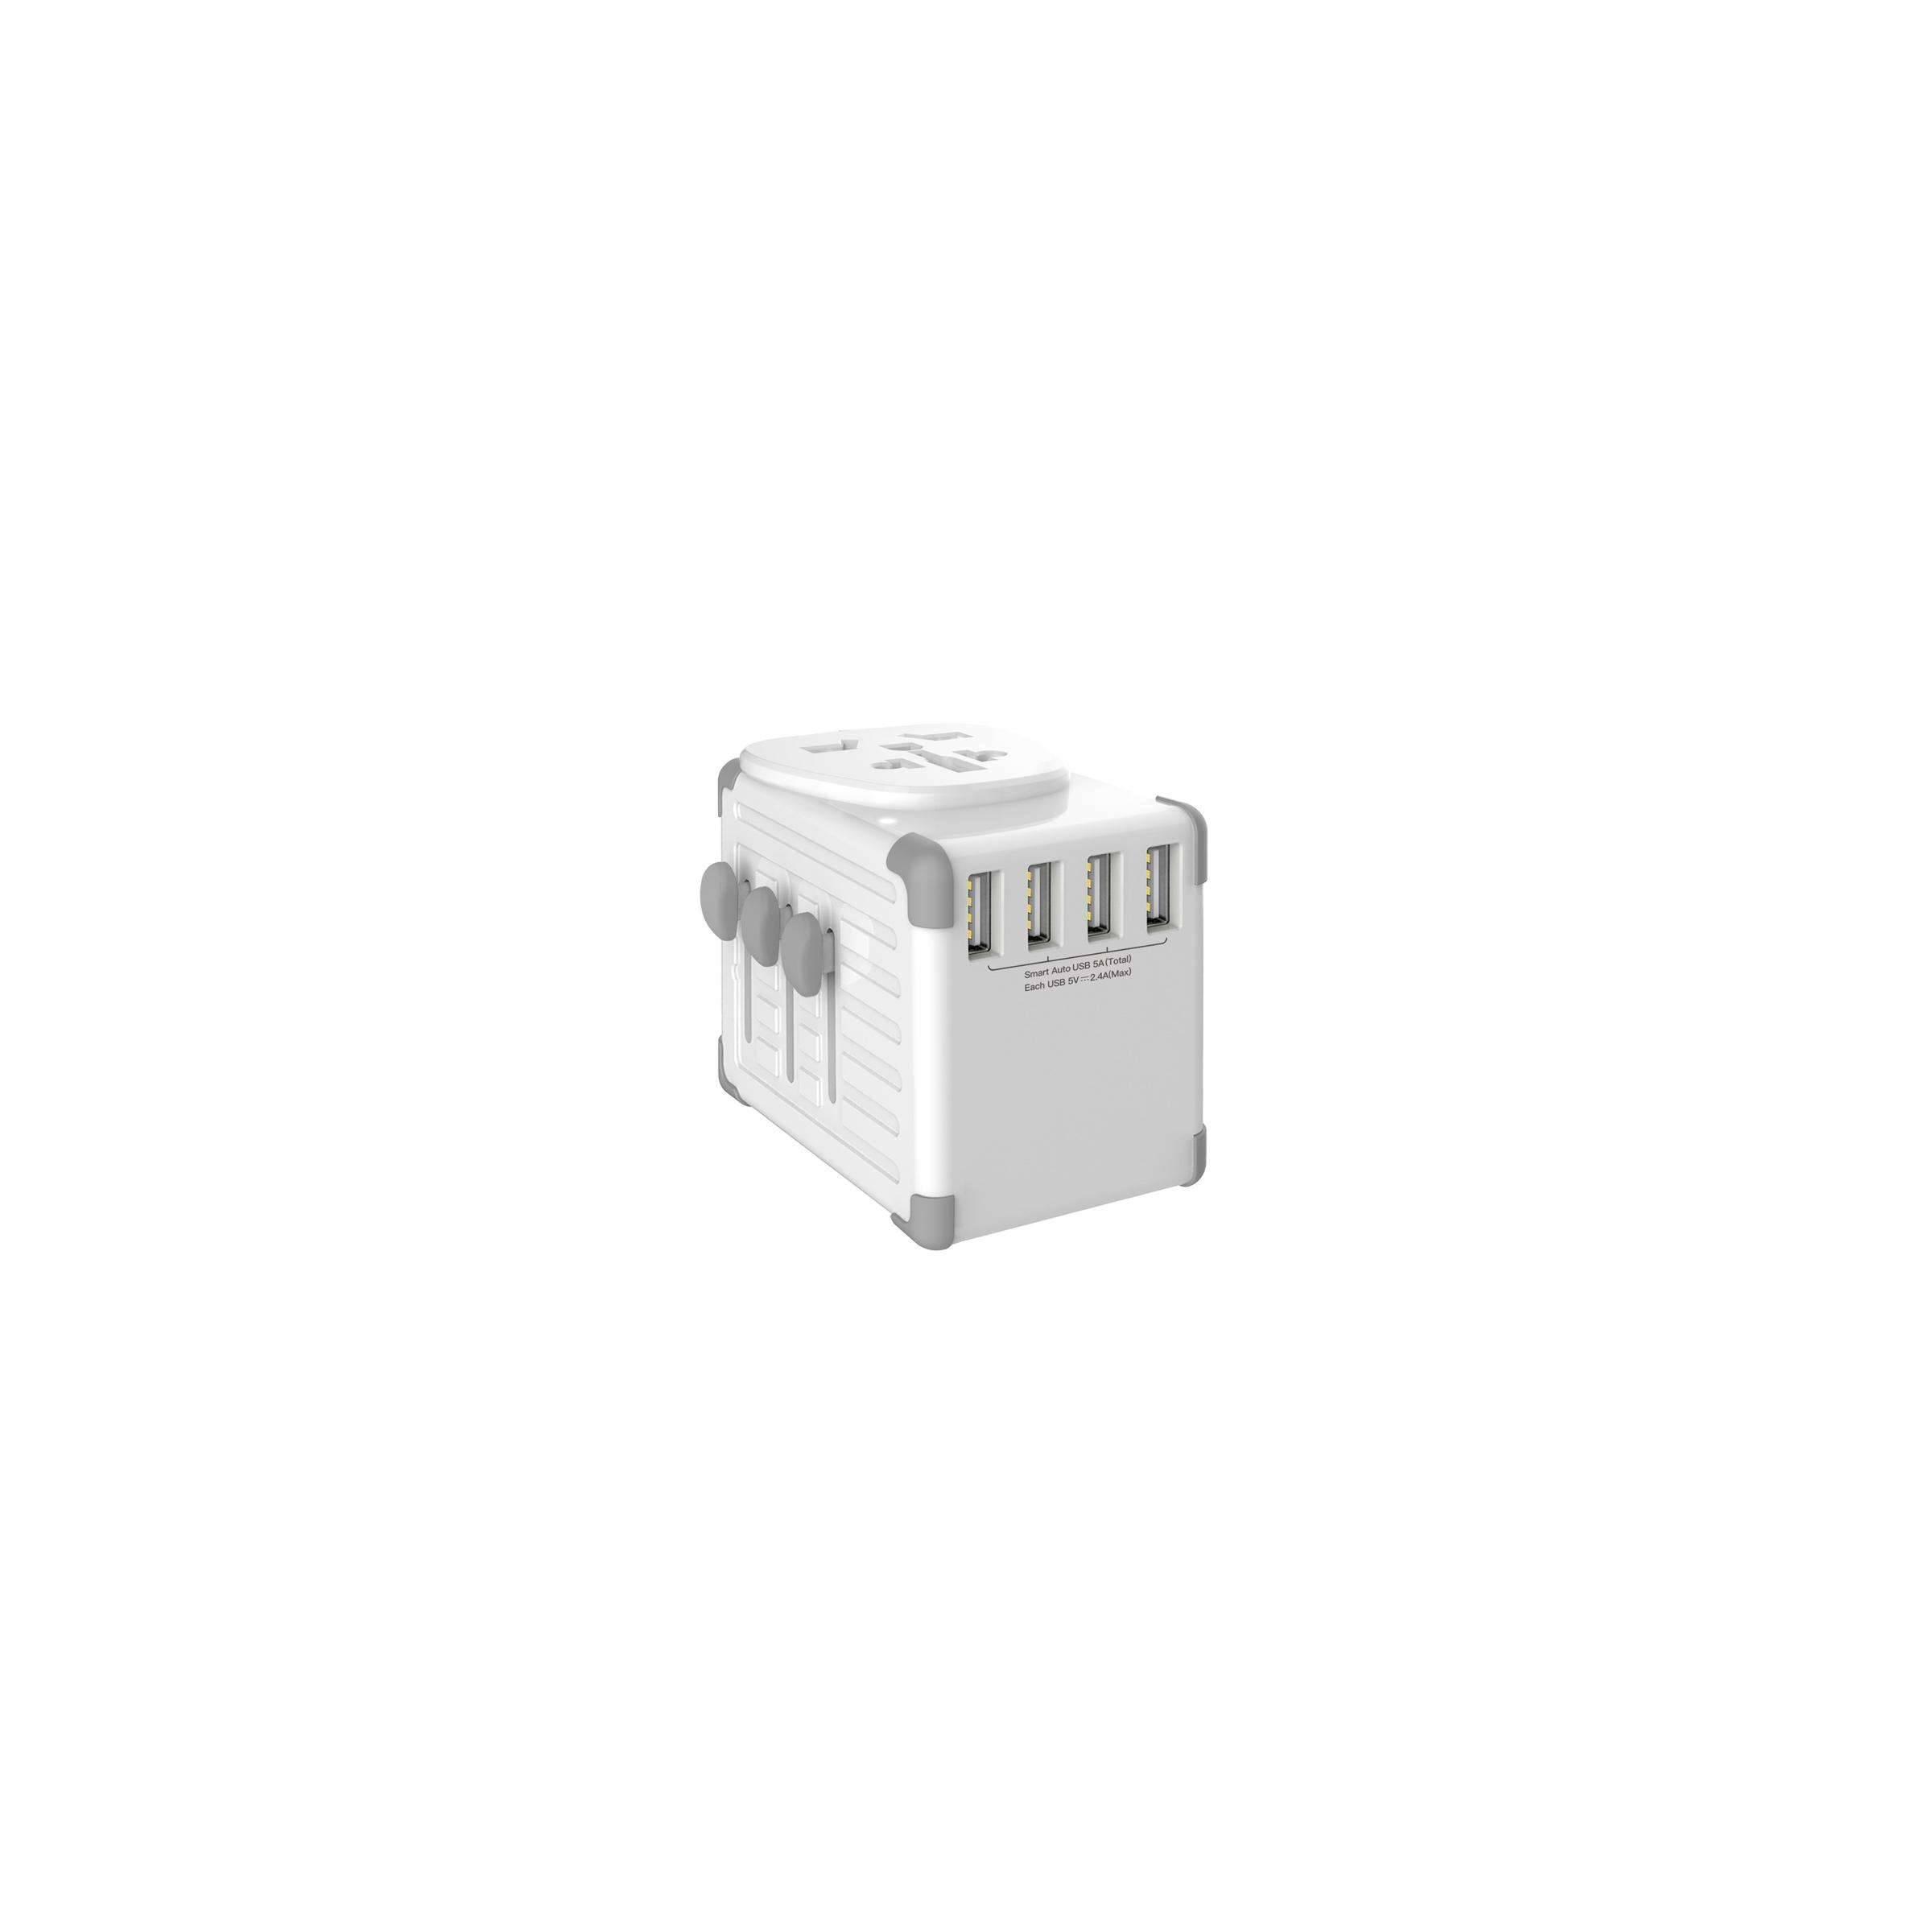 zikko – Zikko worldwide travelsmart adapter 4 usb port på mackabler.dk